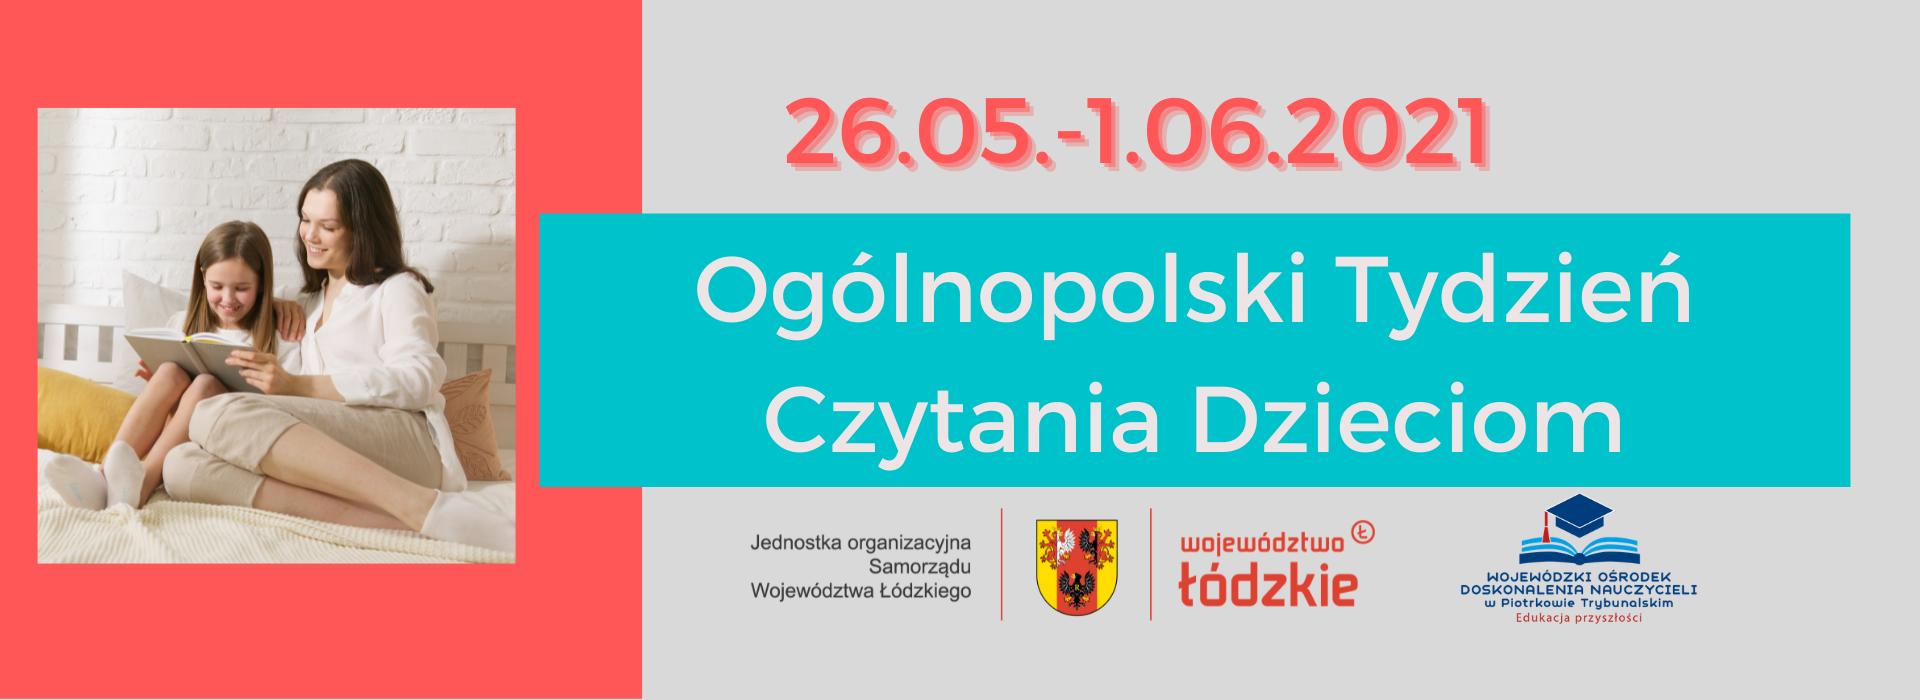 Ogólnopolski Tydzień Czytania Dzieciom 2021